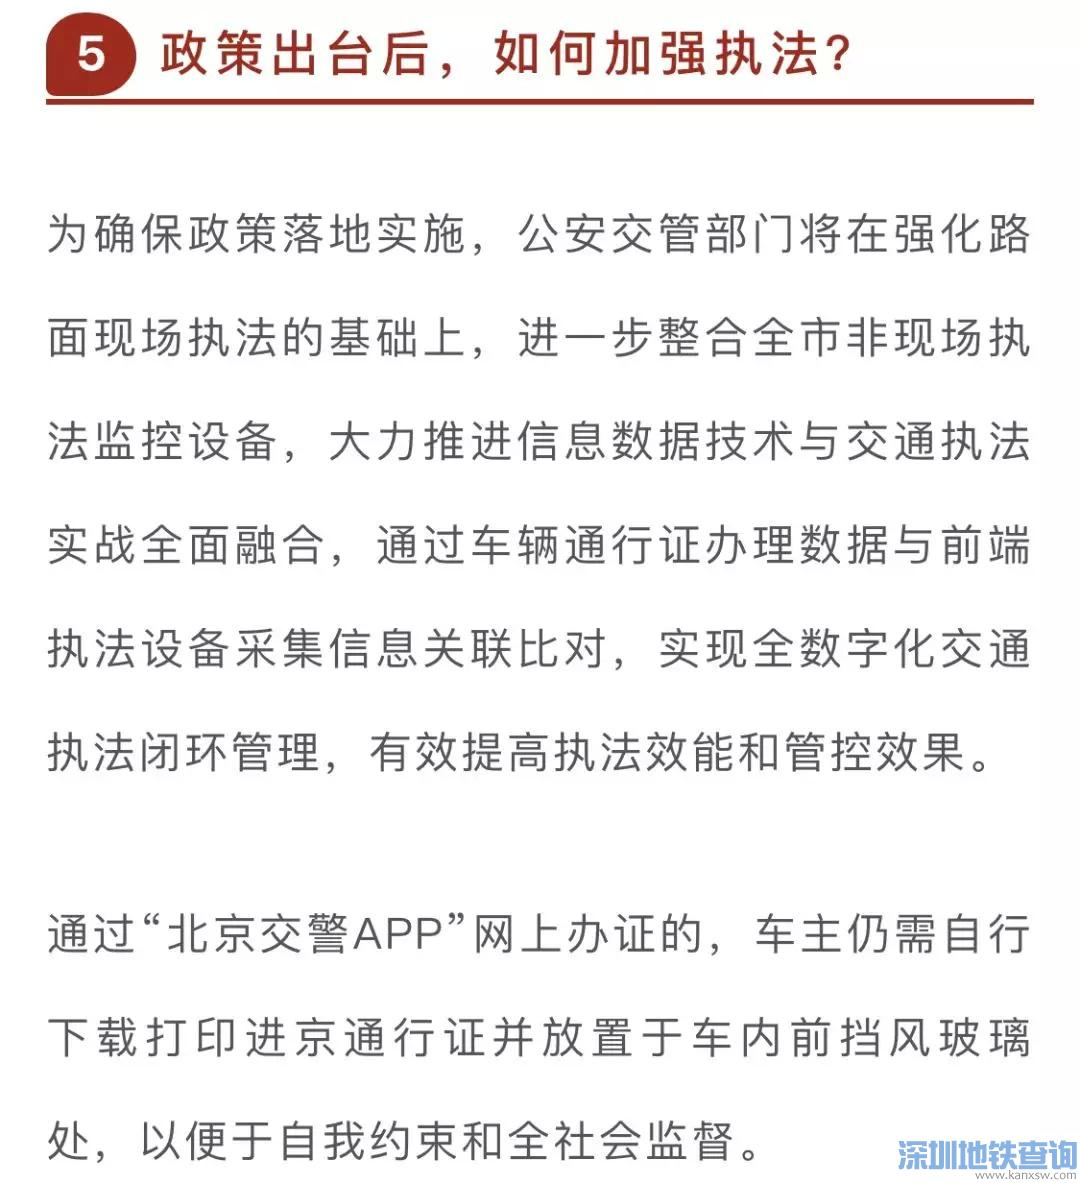 2019年外地车进京新规定:进京证每年限办12次